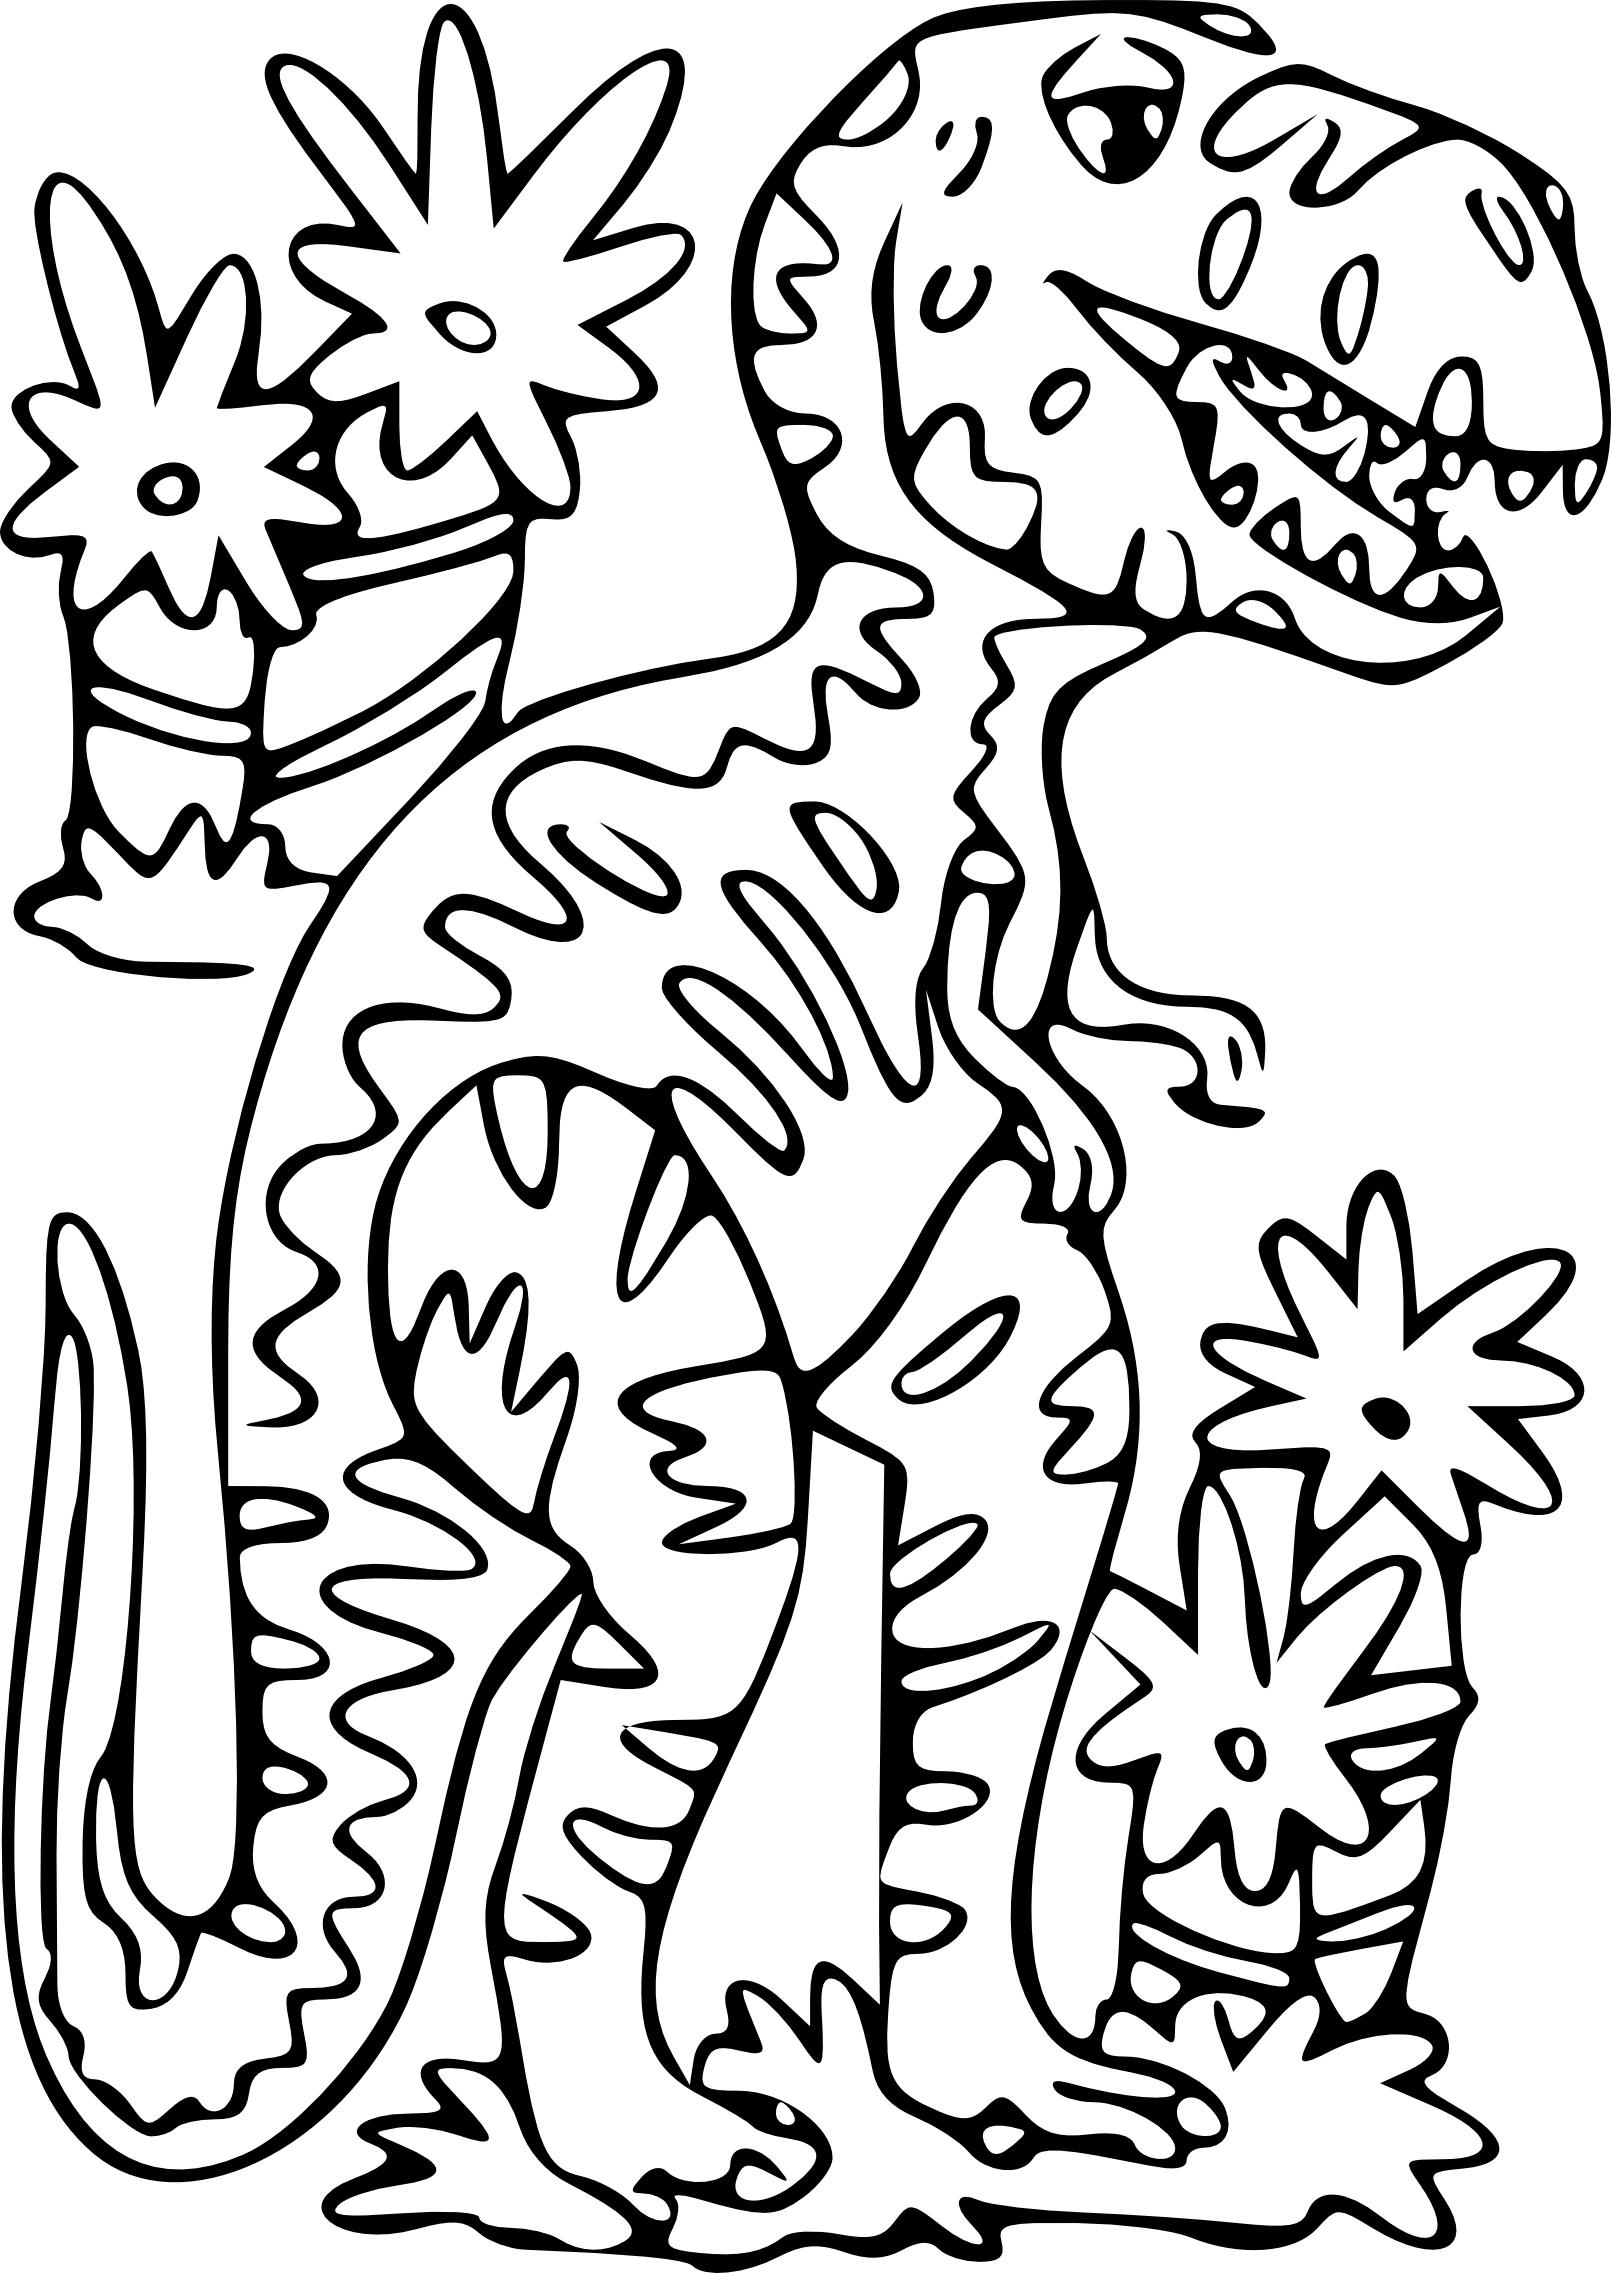 Coloriage dinosaure t rex imprimer sur coloriages info - Dessin de tyrannosaure ...